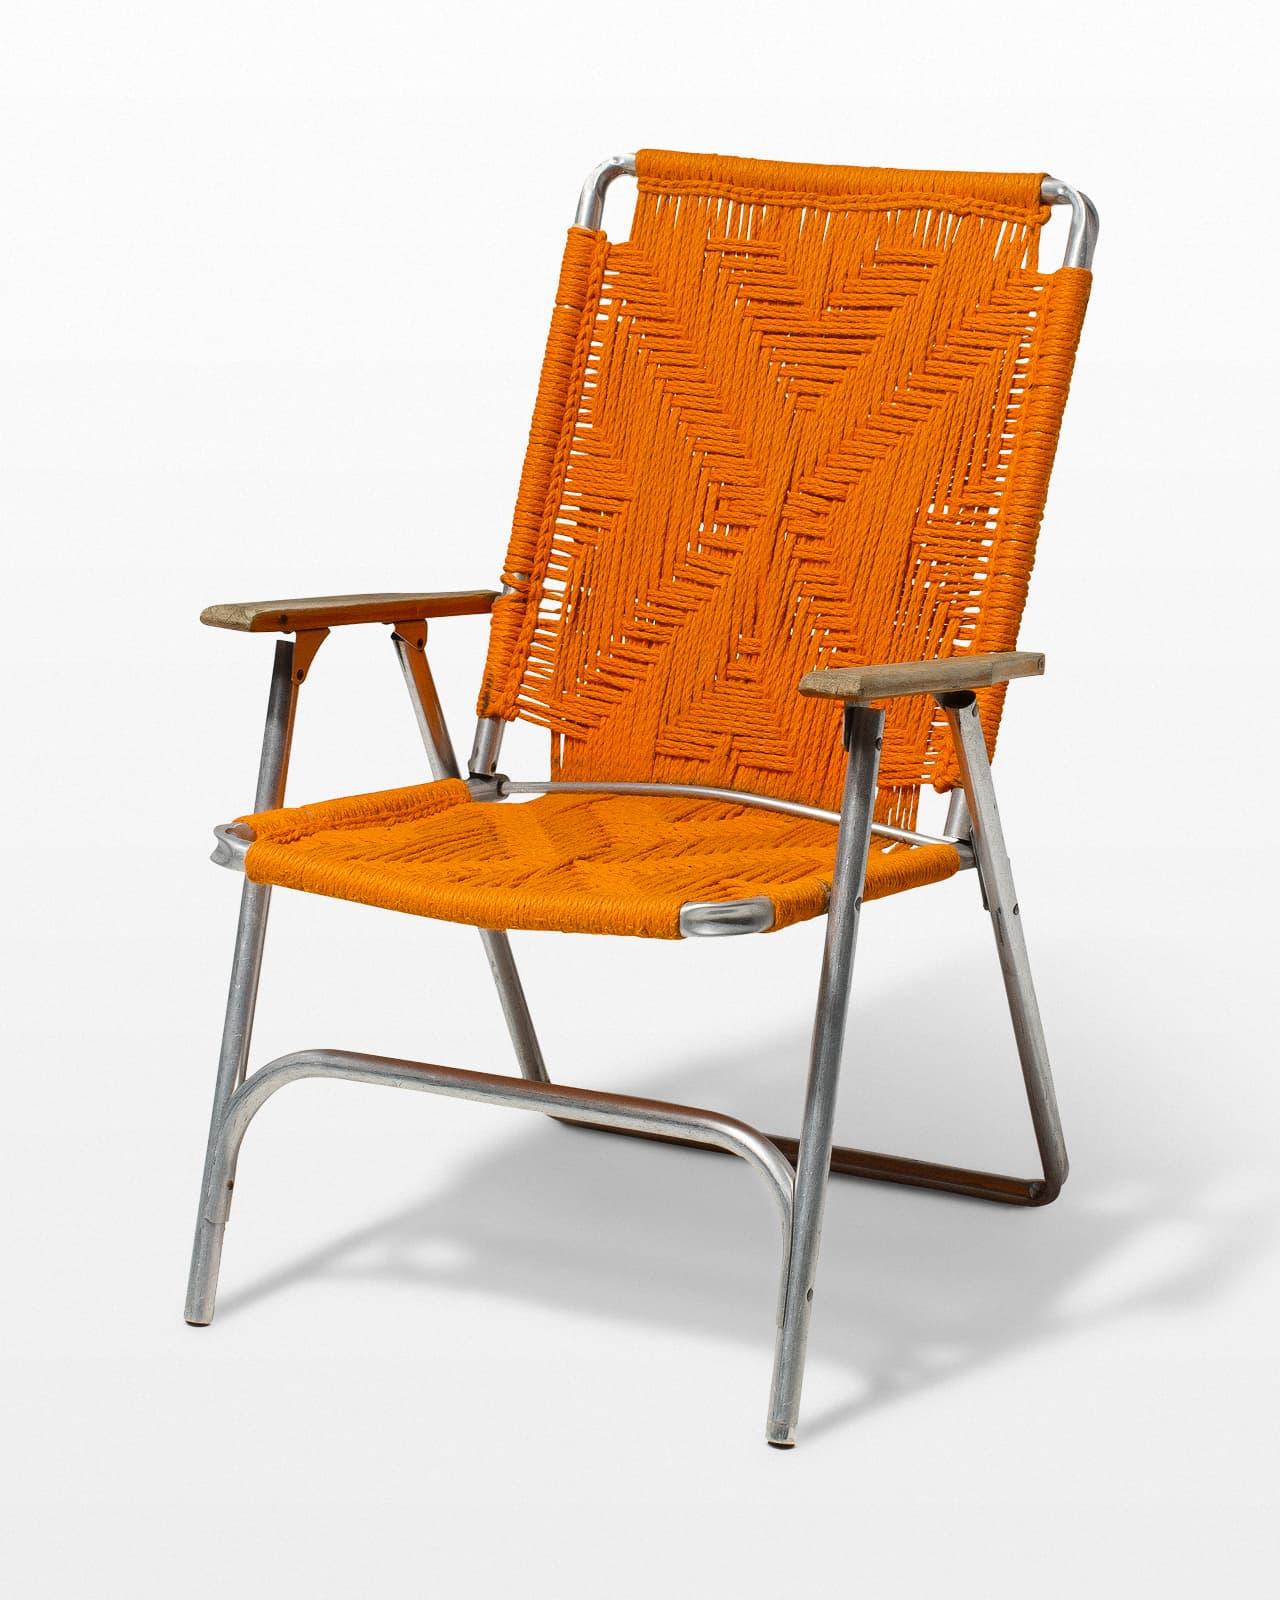 Charmant CH415 Becker Macrame Lawn Chair